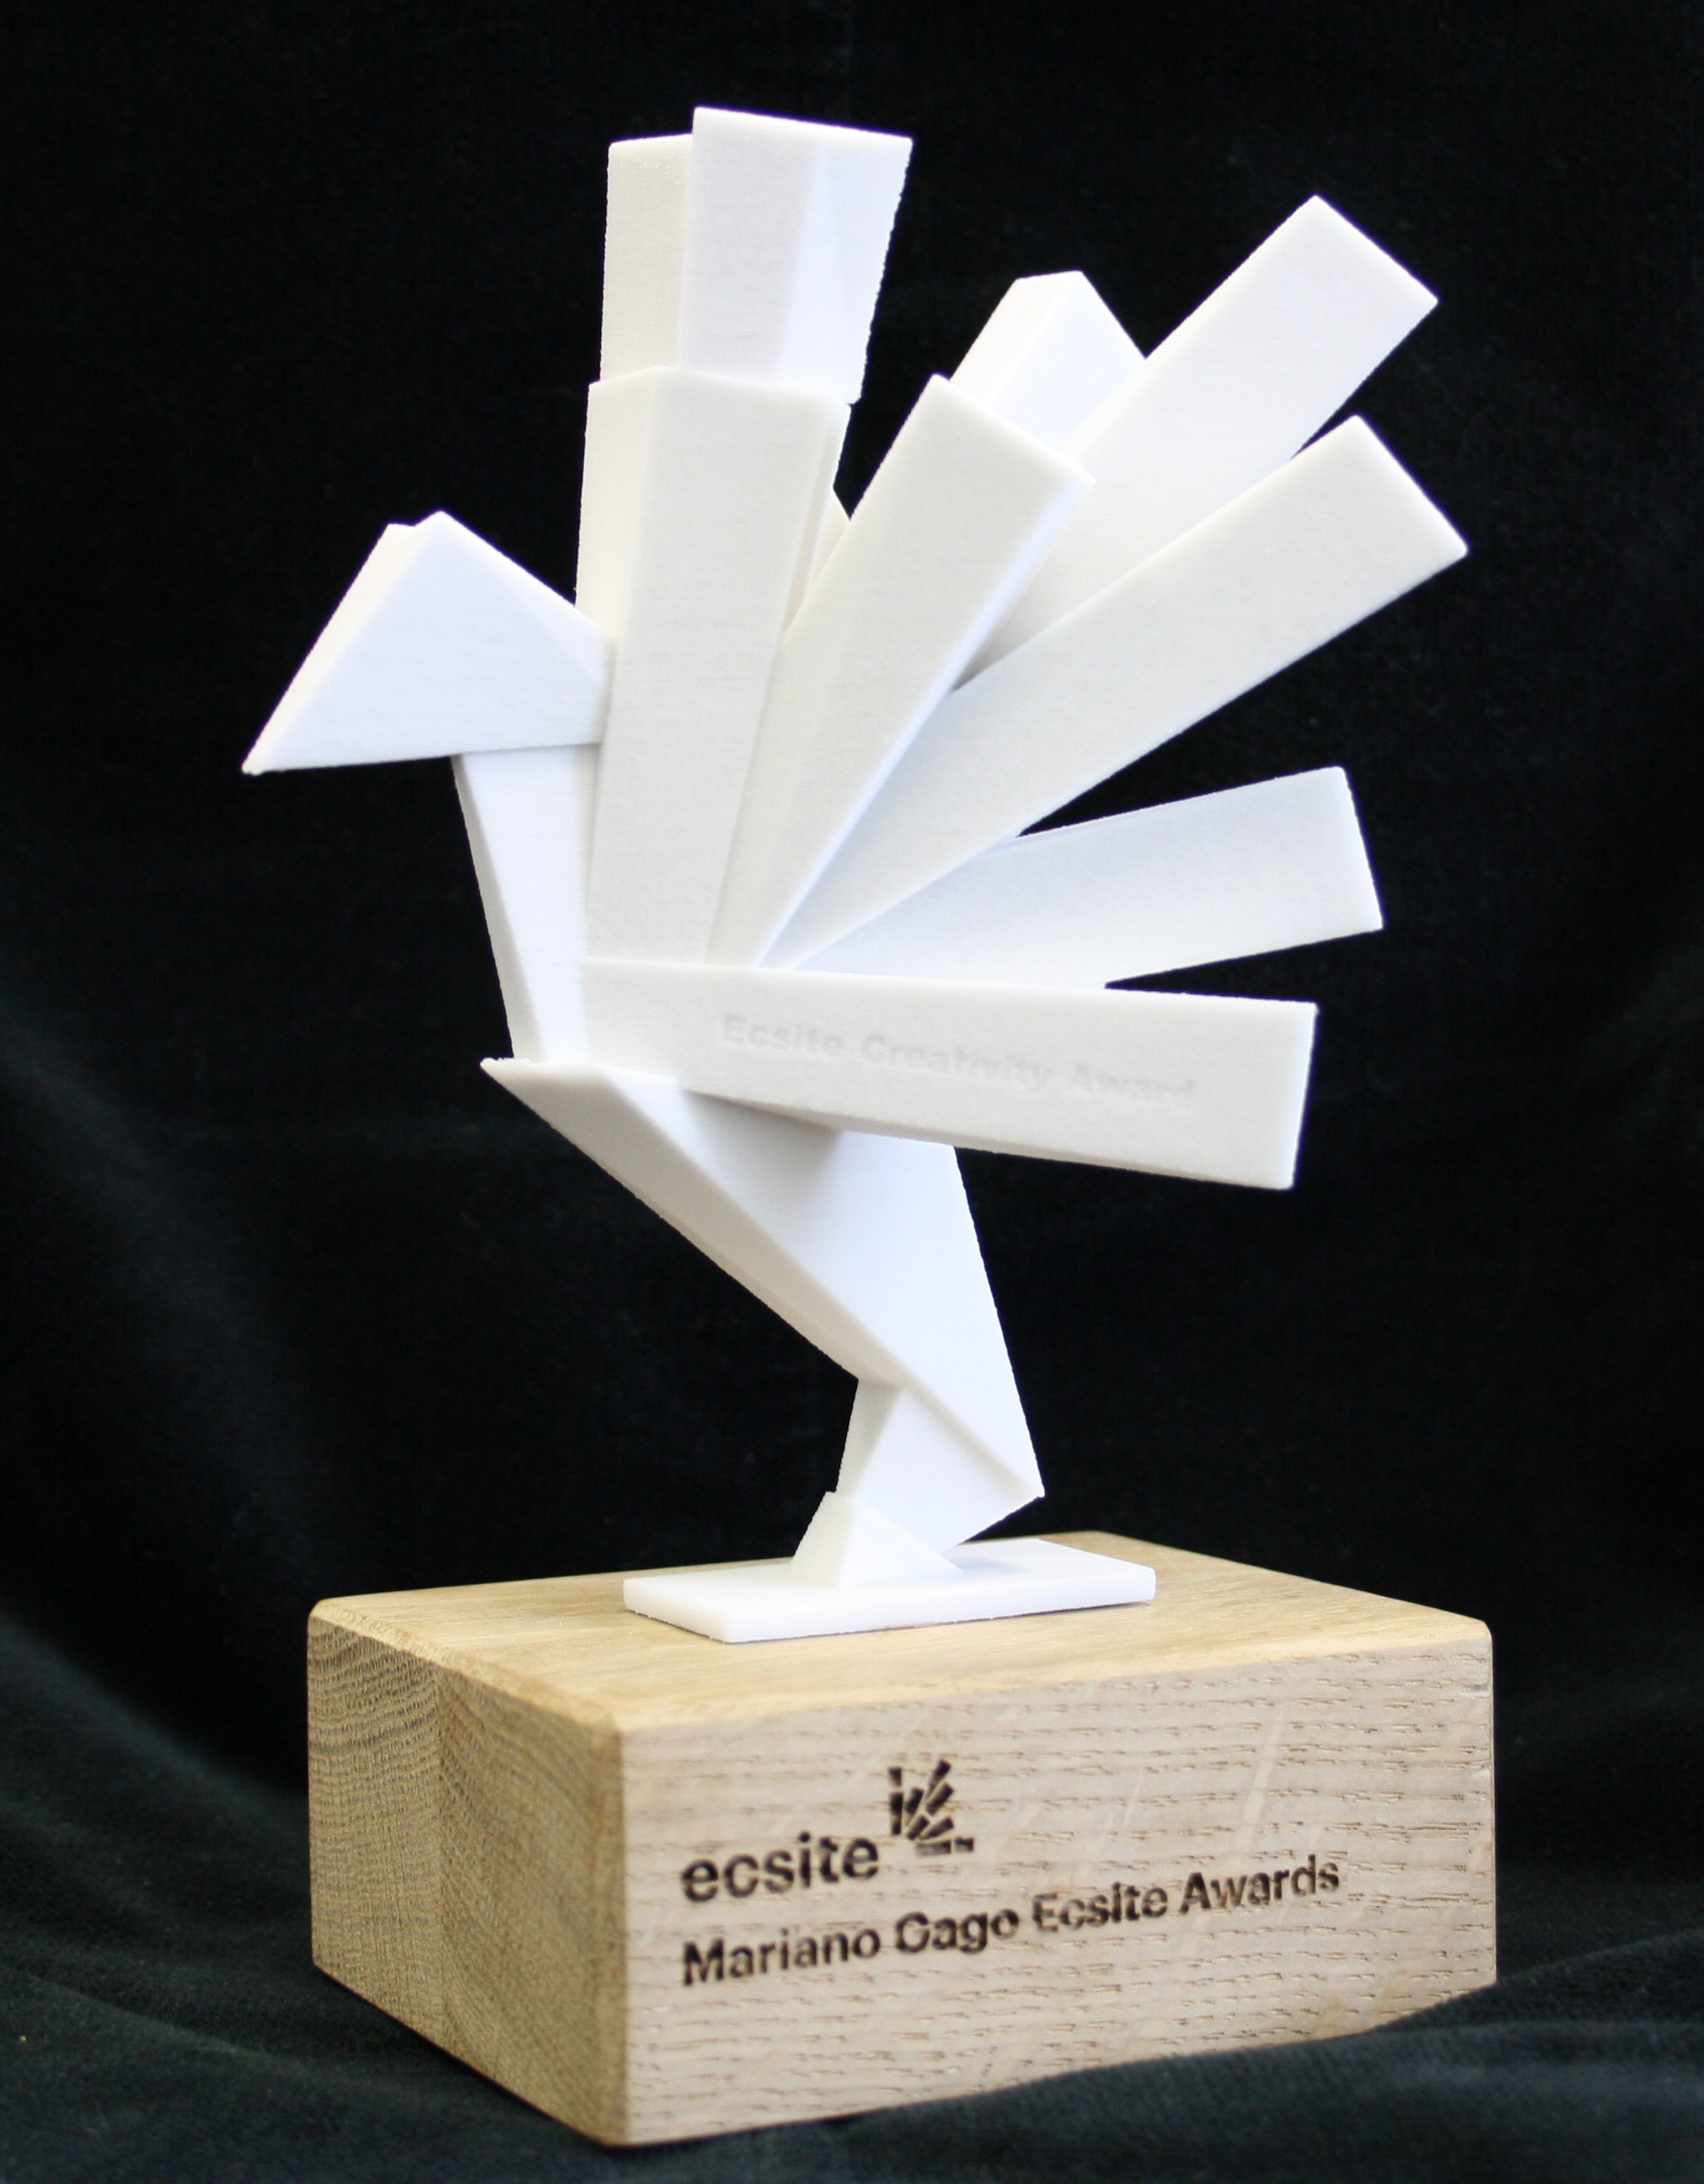 #EcsiteAwards trophy